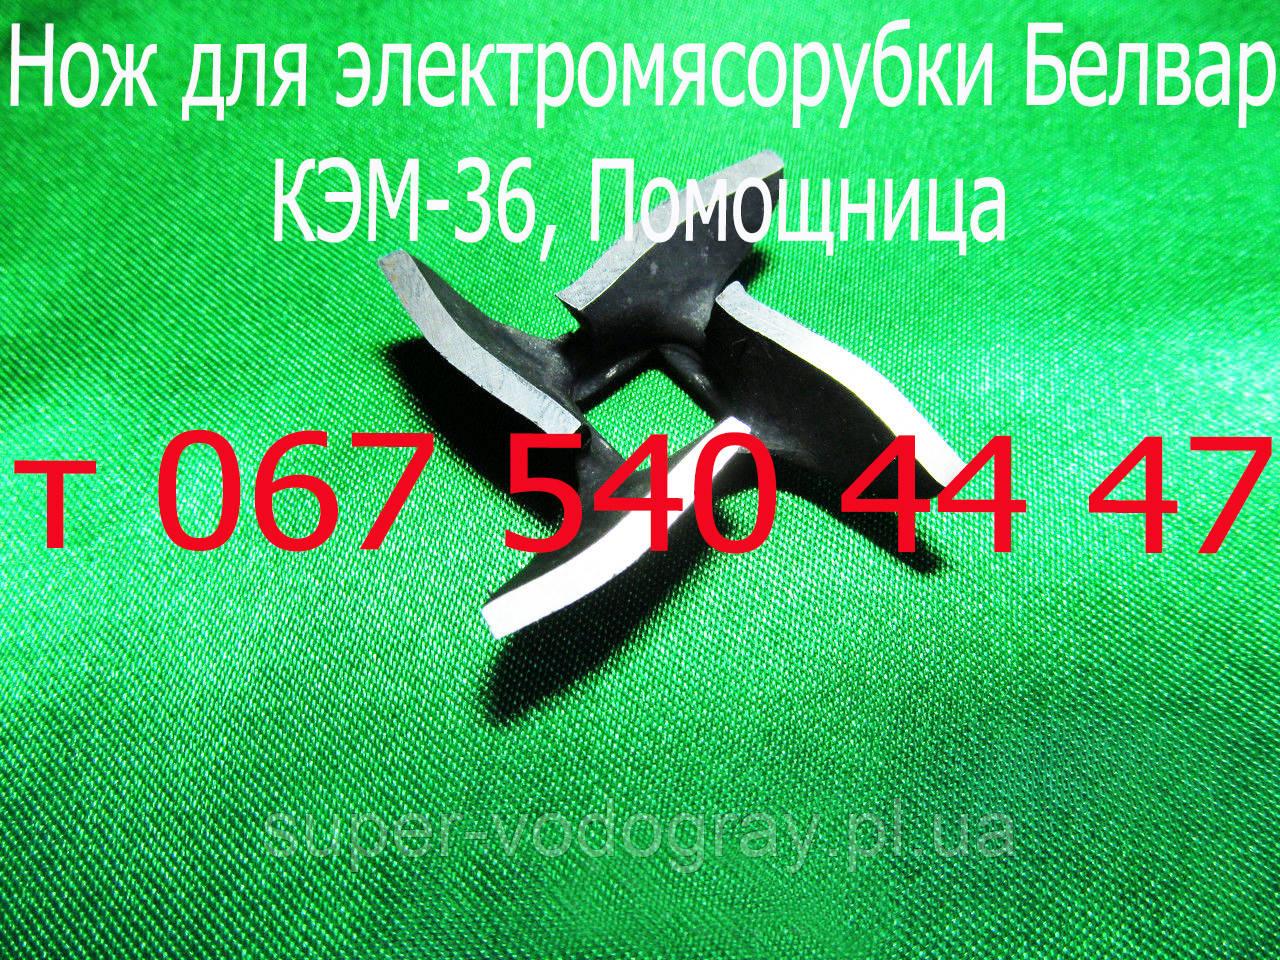 Нож для электромясорубки Белвар, Помощница